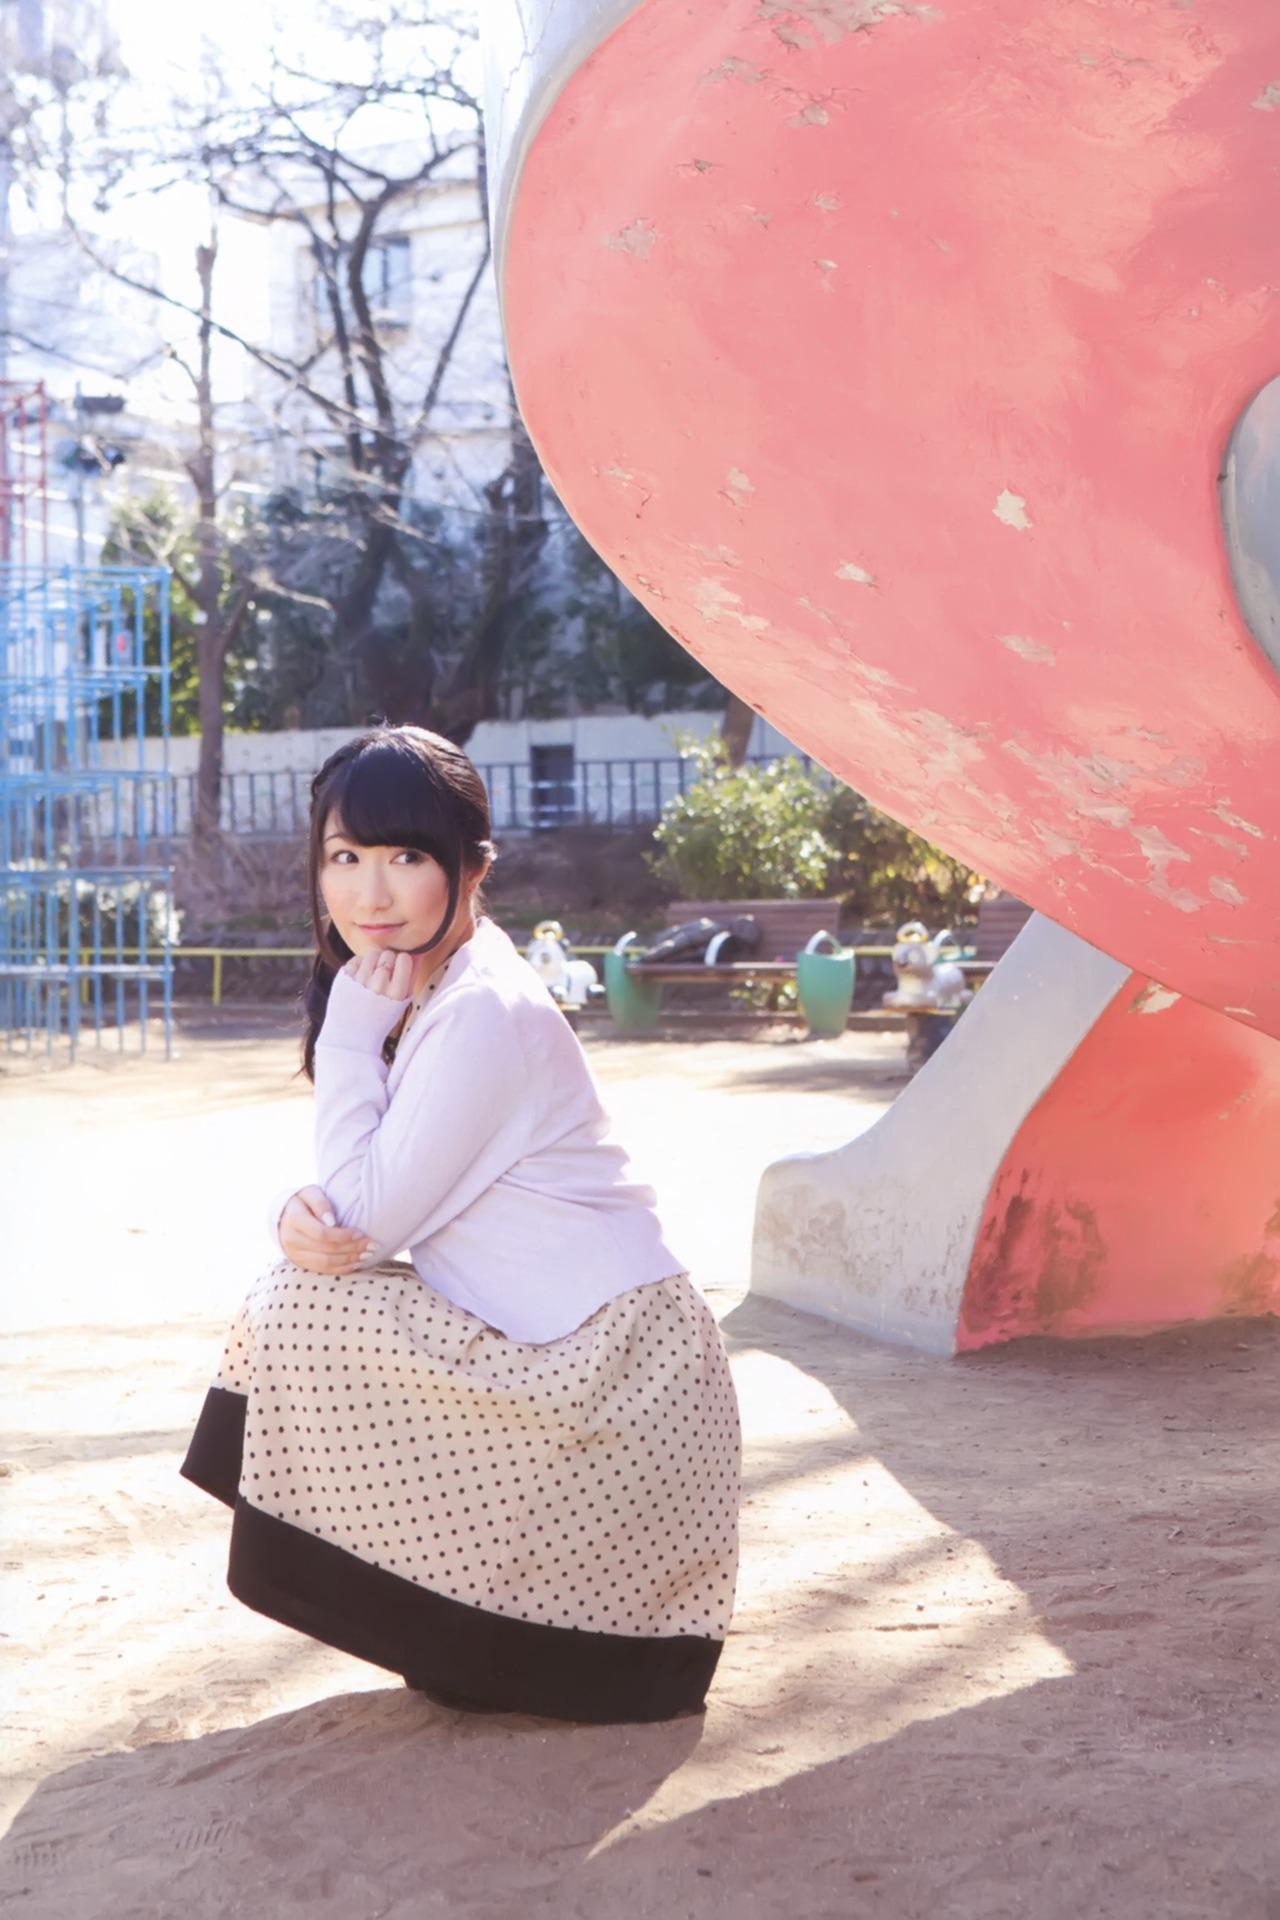 hidaka_rina049.jpg